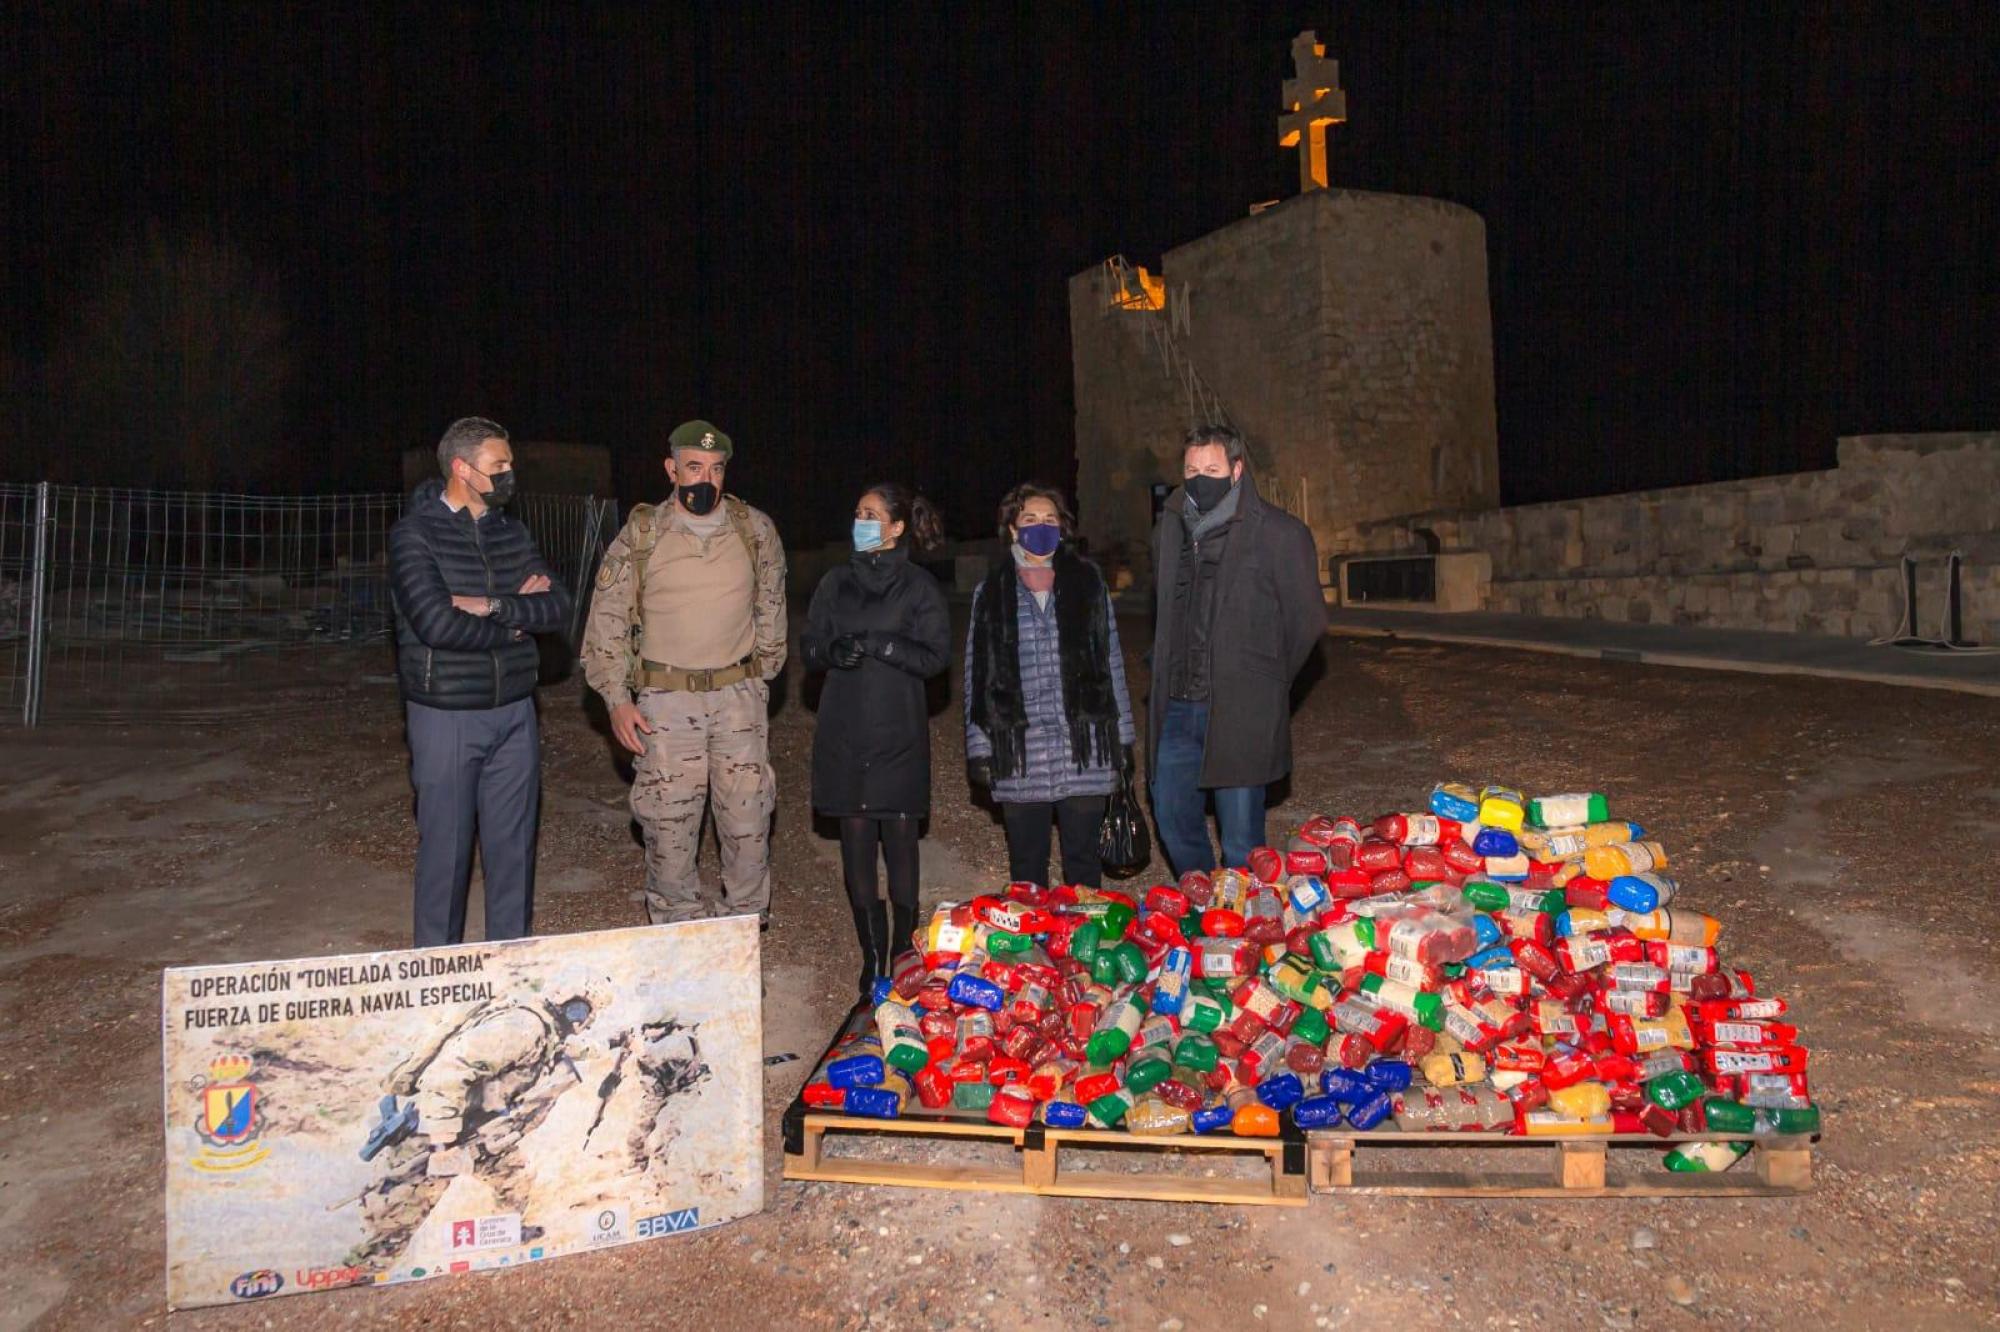 La Fuerza de Guerra Naval Especial hace entrega, en diferentes localidades del Camino de la Cruz, de una tonelada de alimentos a Cáritas